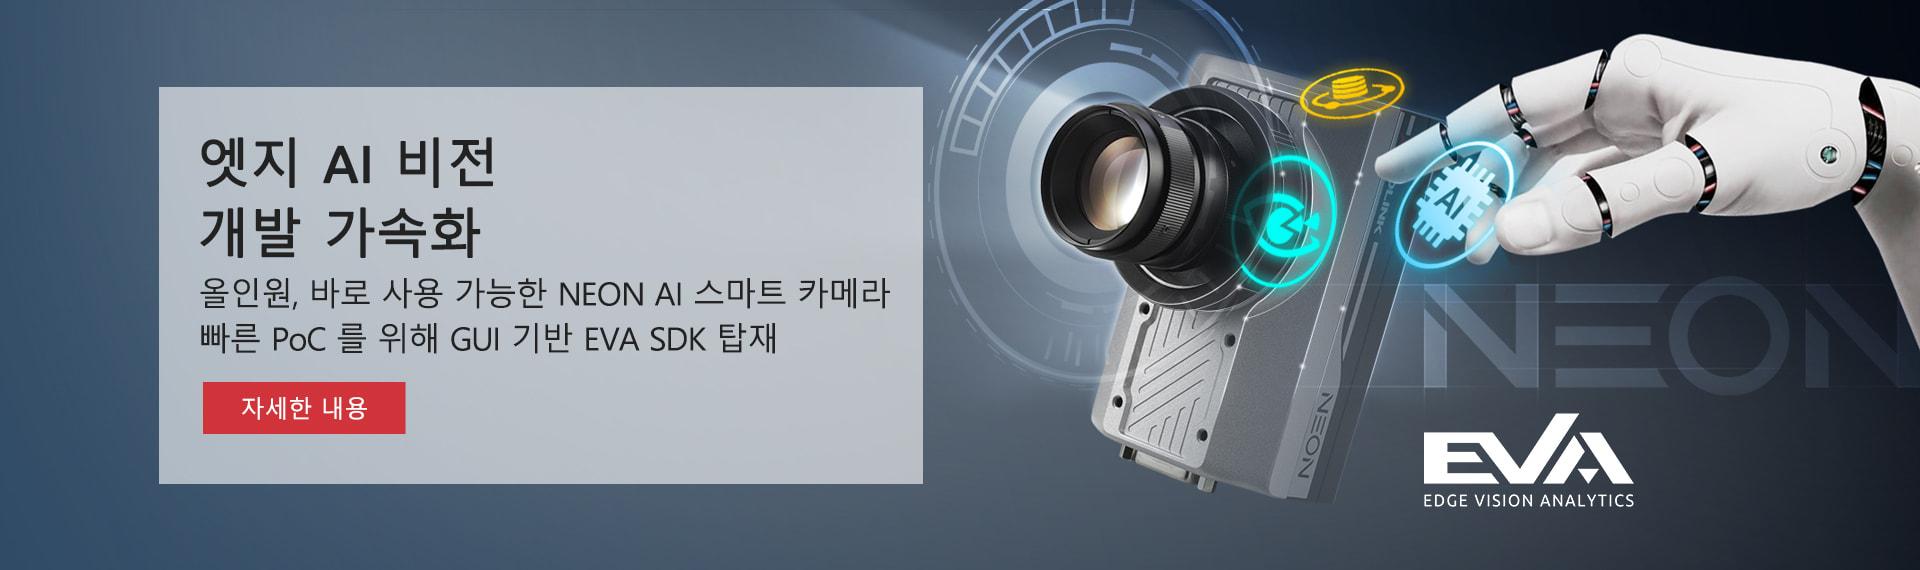 AI 스마트 카메라를 이용한 로봇 위험 보호 솔루션